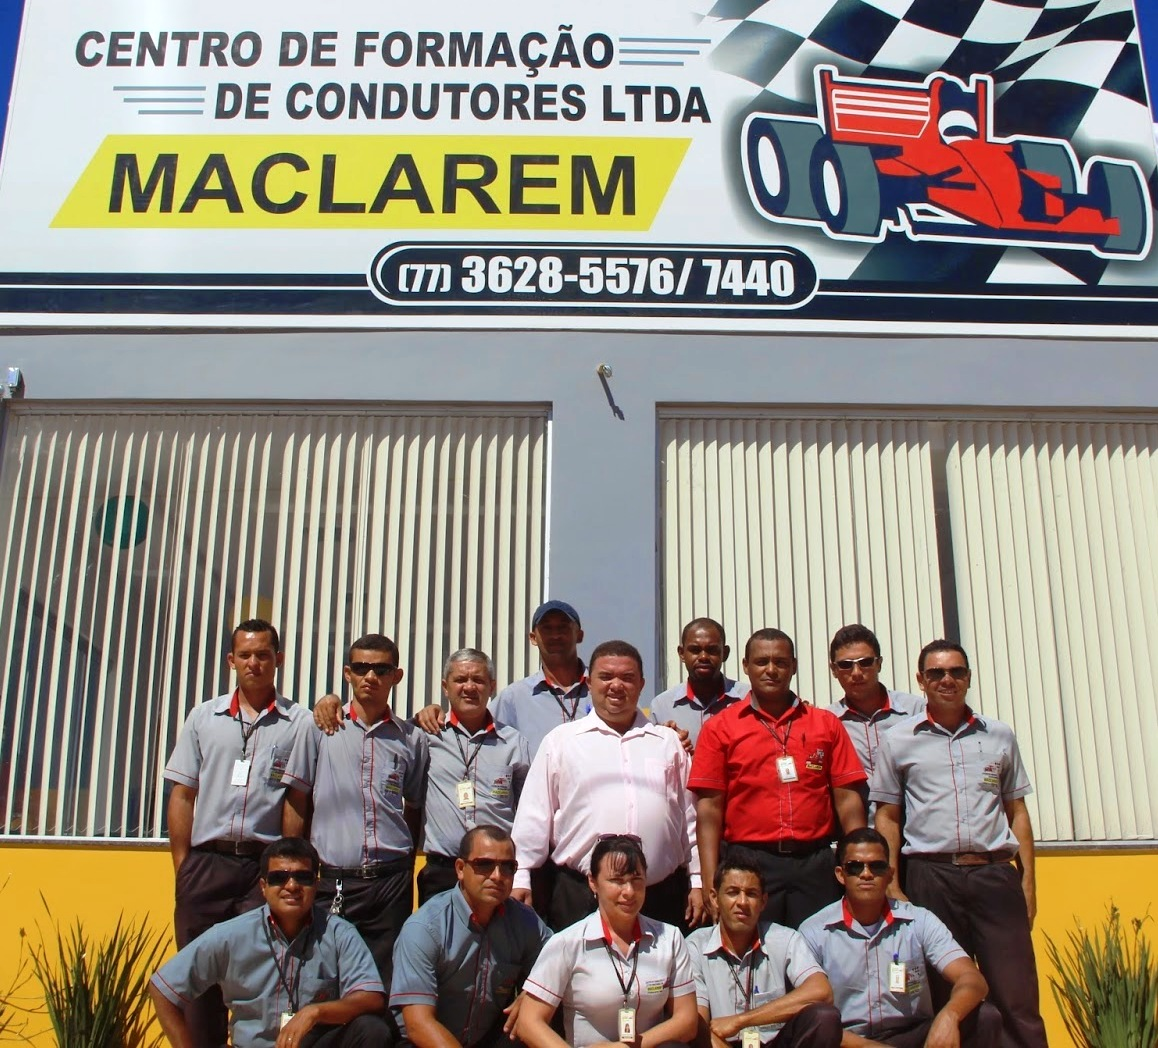 CENTRO DE FORMAÇÃO MACLAREM / LUÍS EDUARDO MAGALHÃES